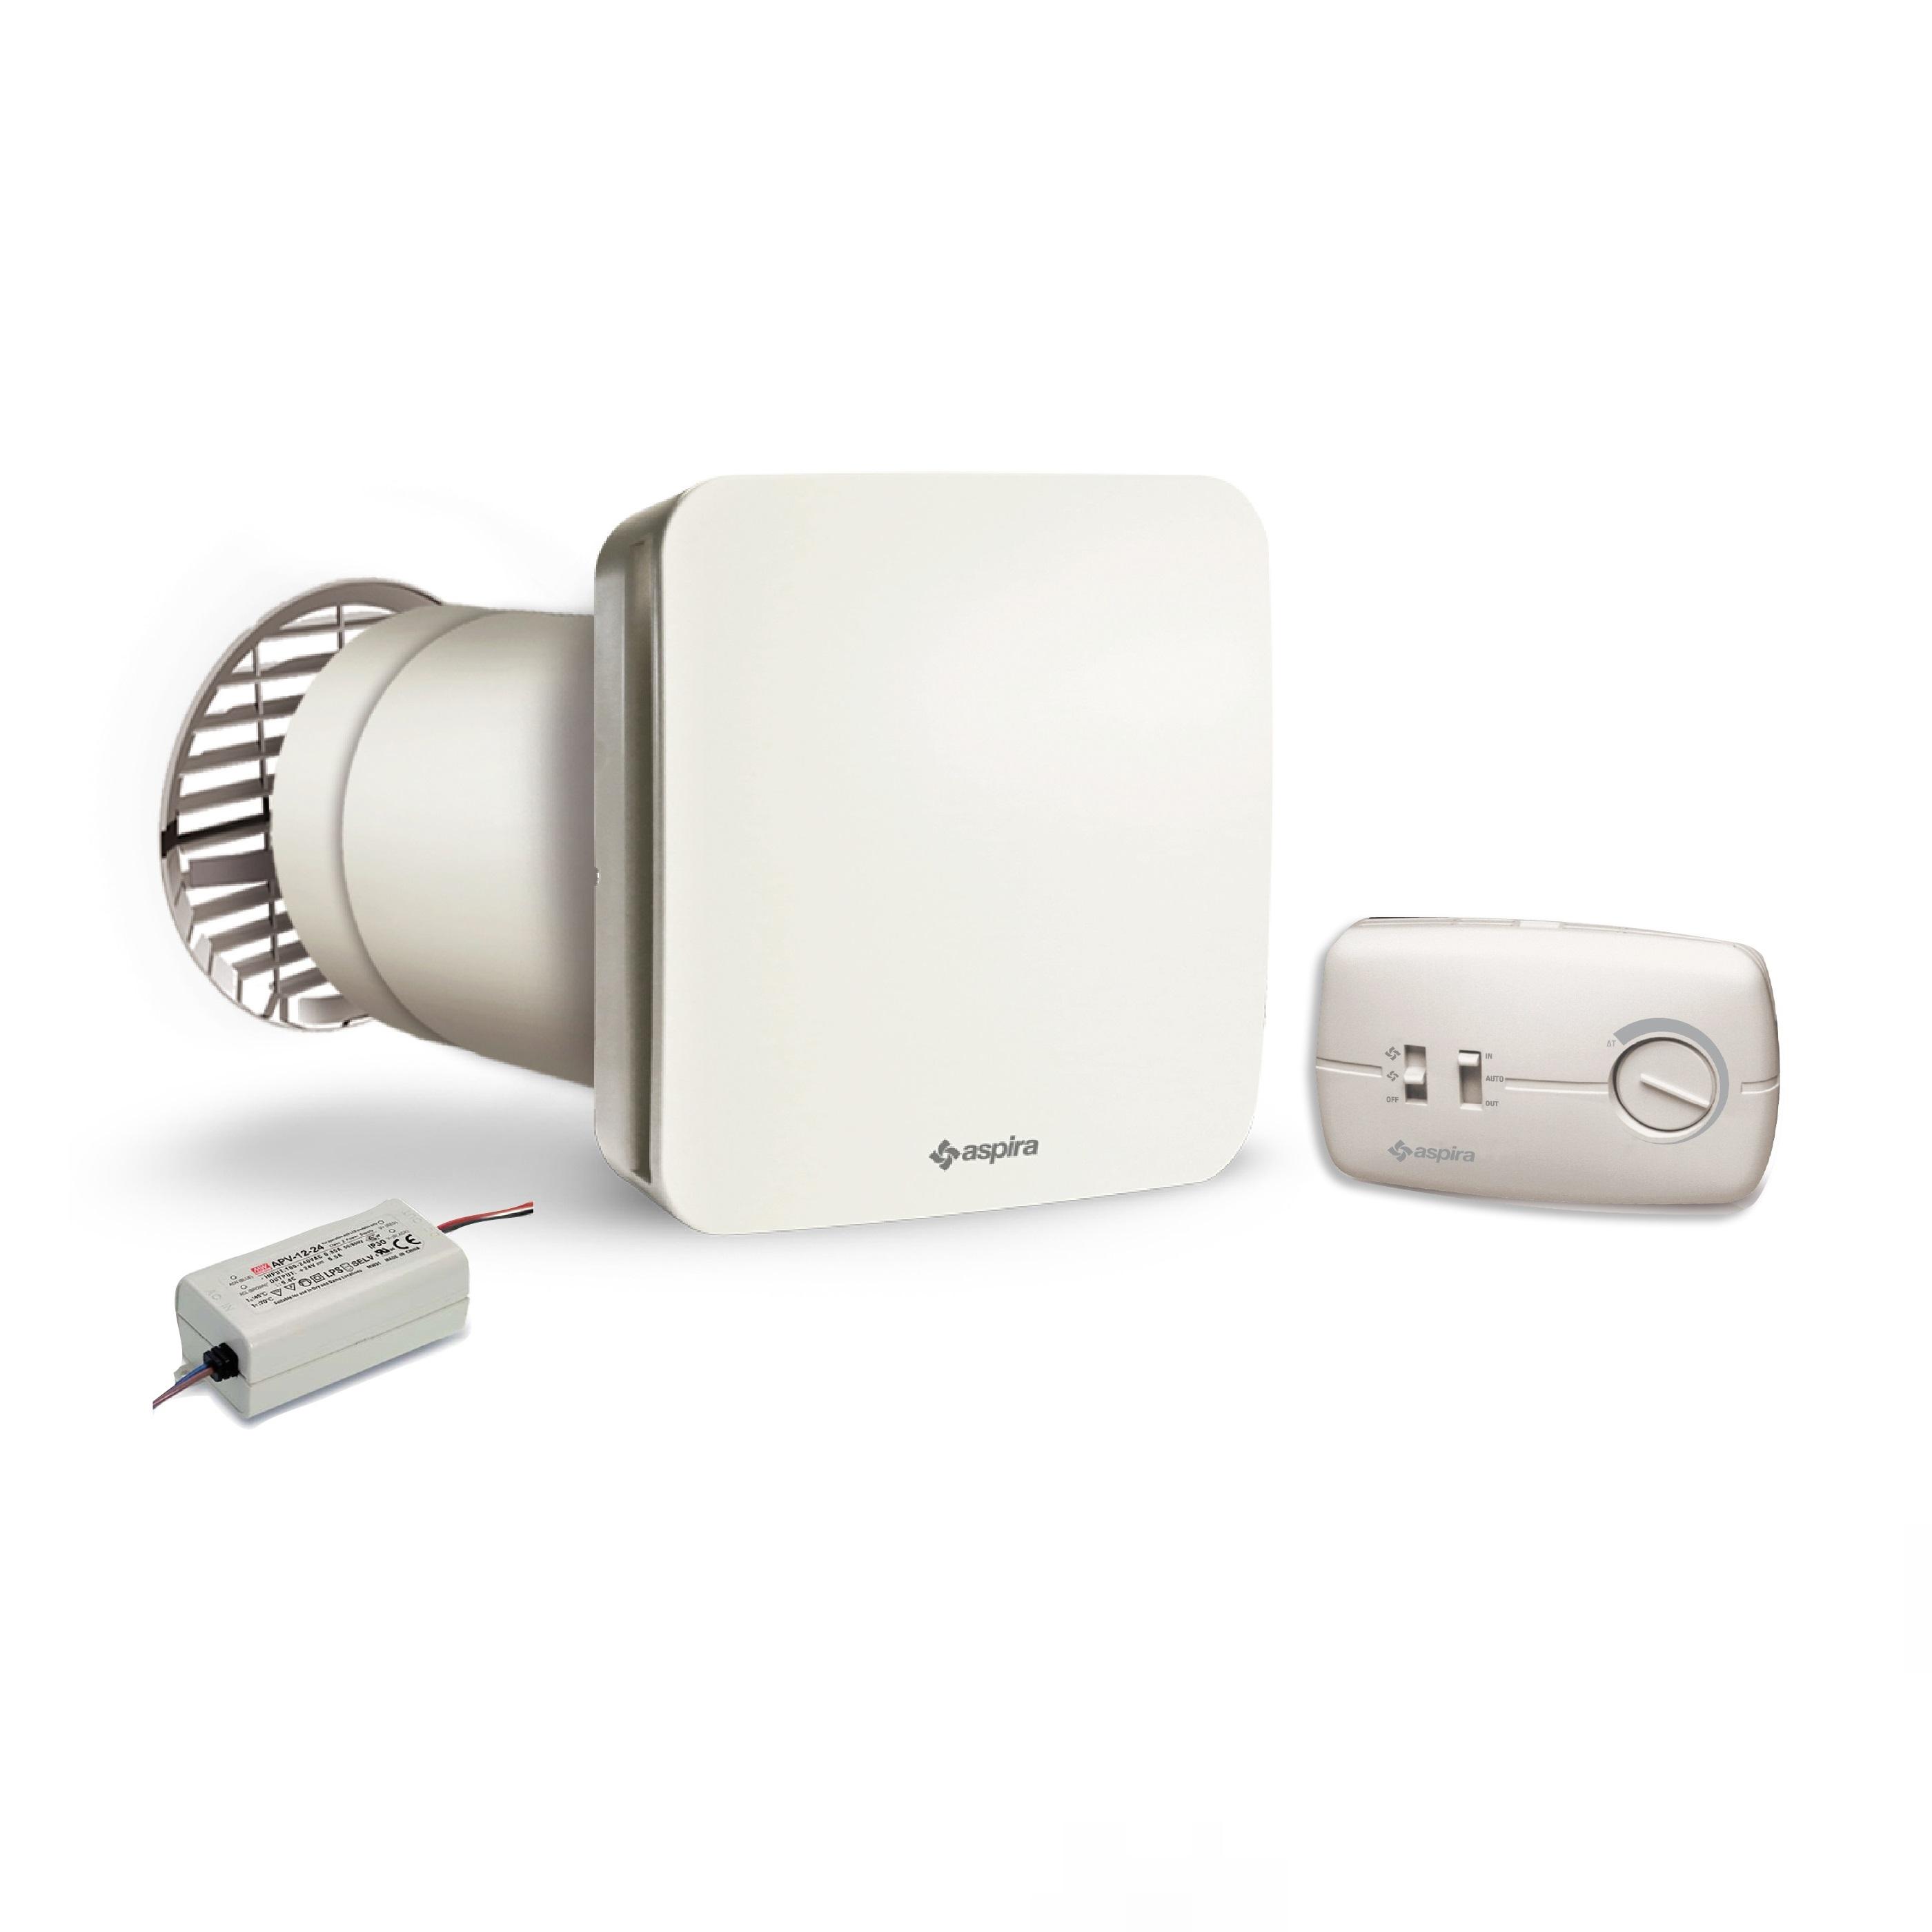 Aspira Ecocomfort 160 Egység, Hővisszanyerő Szellőzés, 2 Sebességfokozat, Fedettség 50 Nm